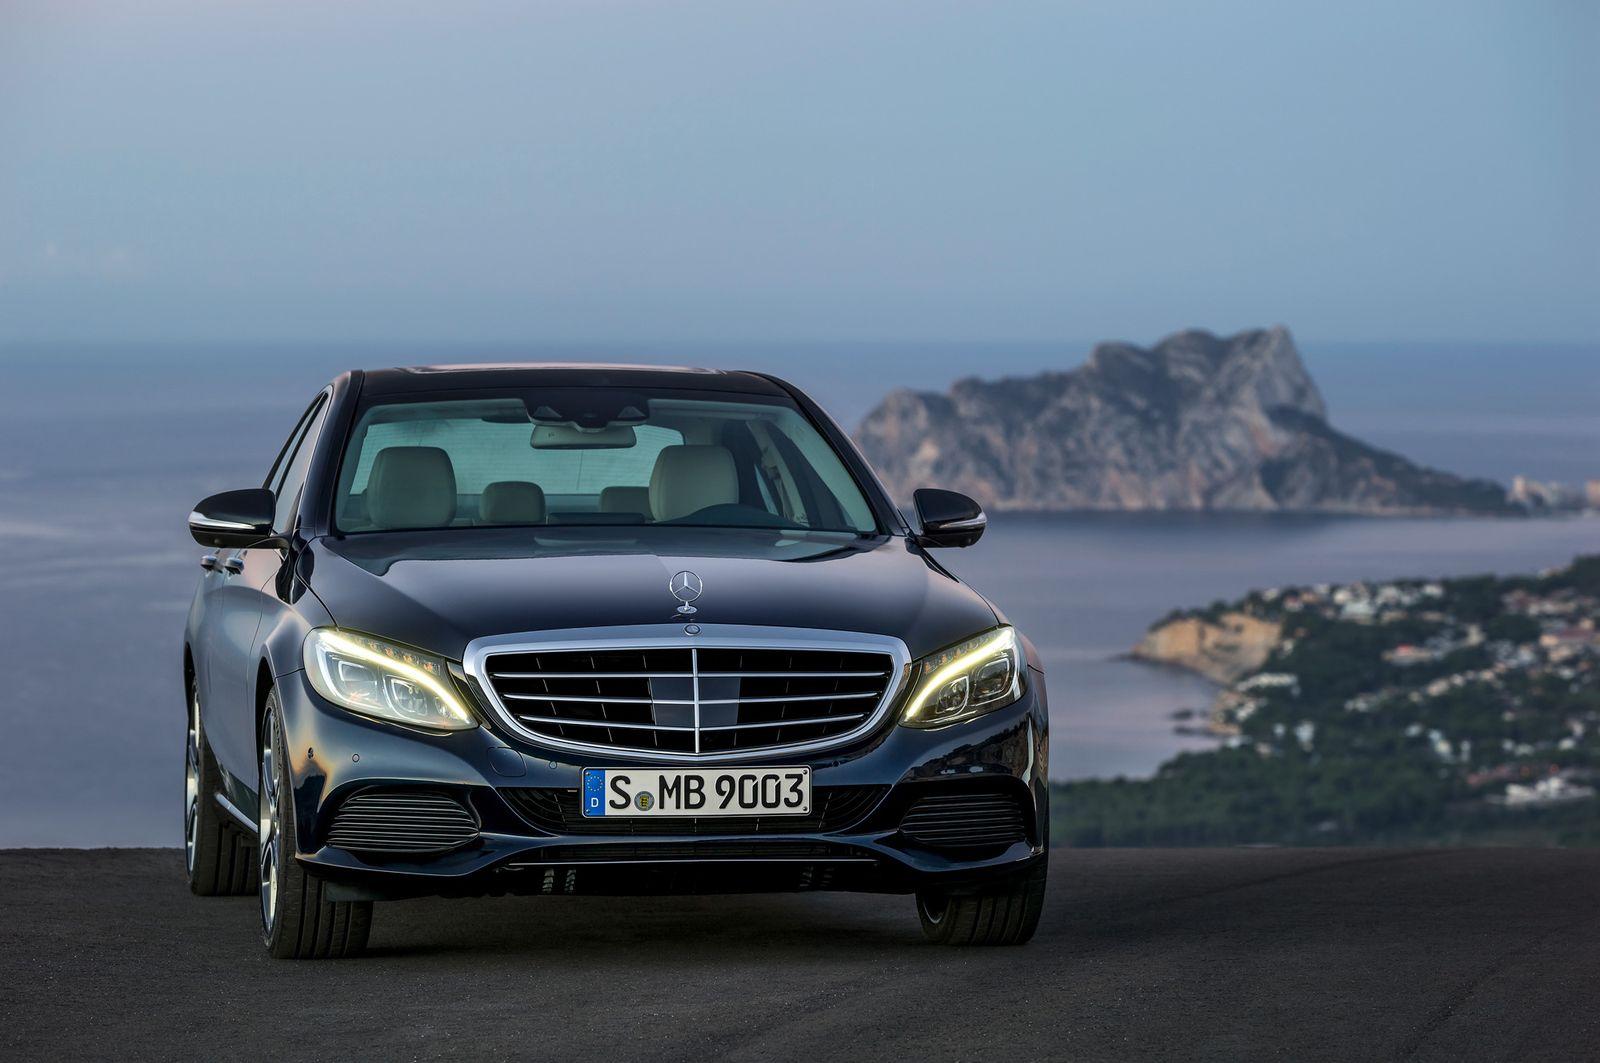 2014 / Mercedes C-Klasse